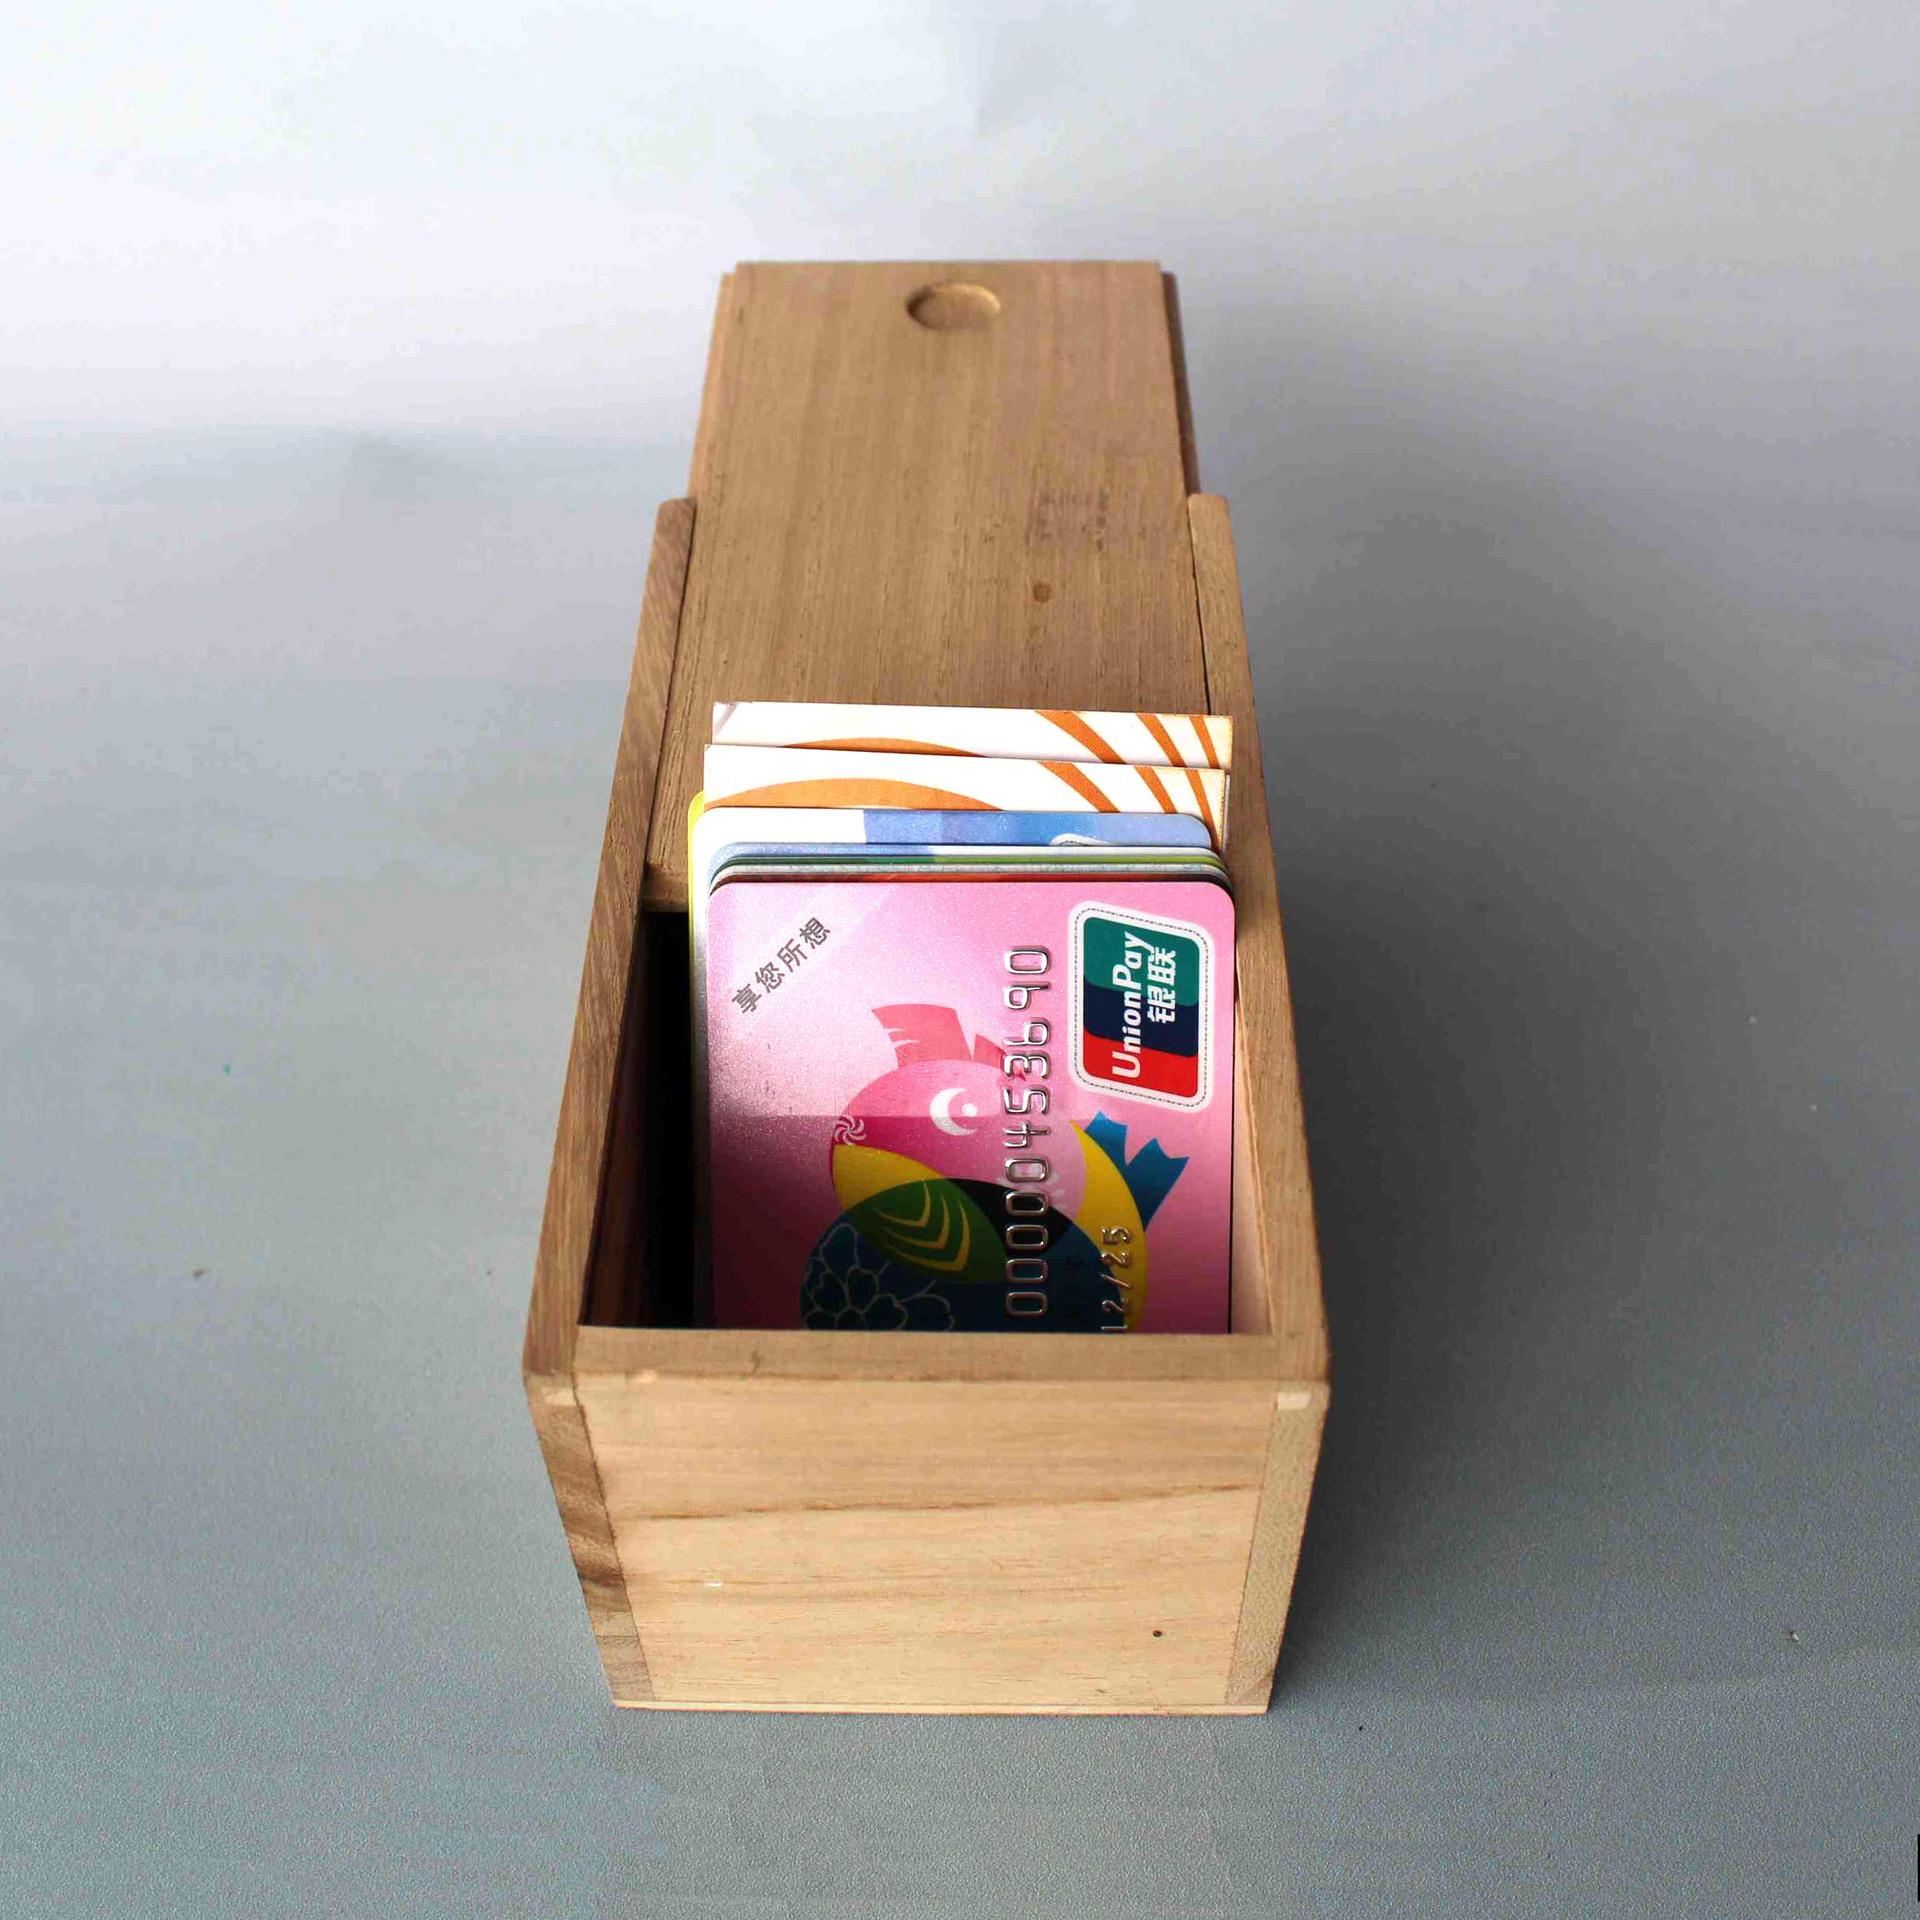 精美抽拉式长方形整理木盒实木木制礼品盒 木制收纳盒定做